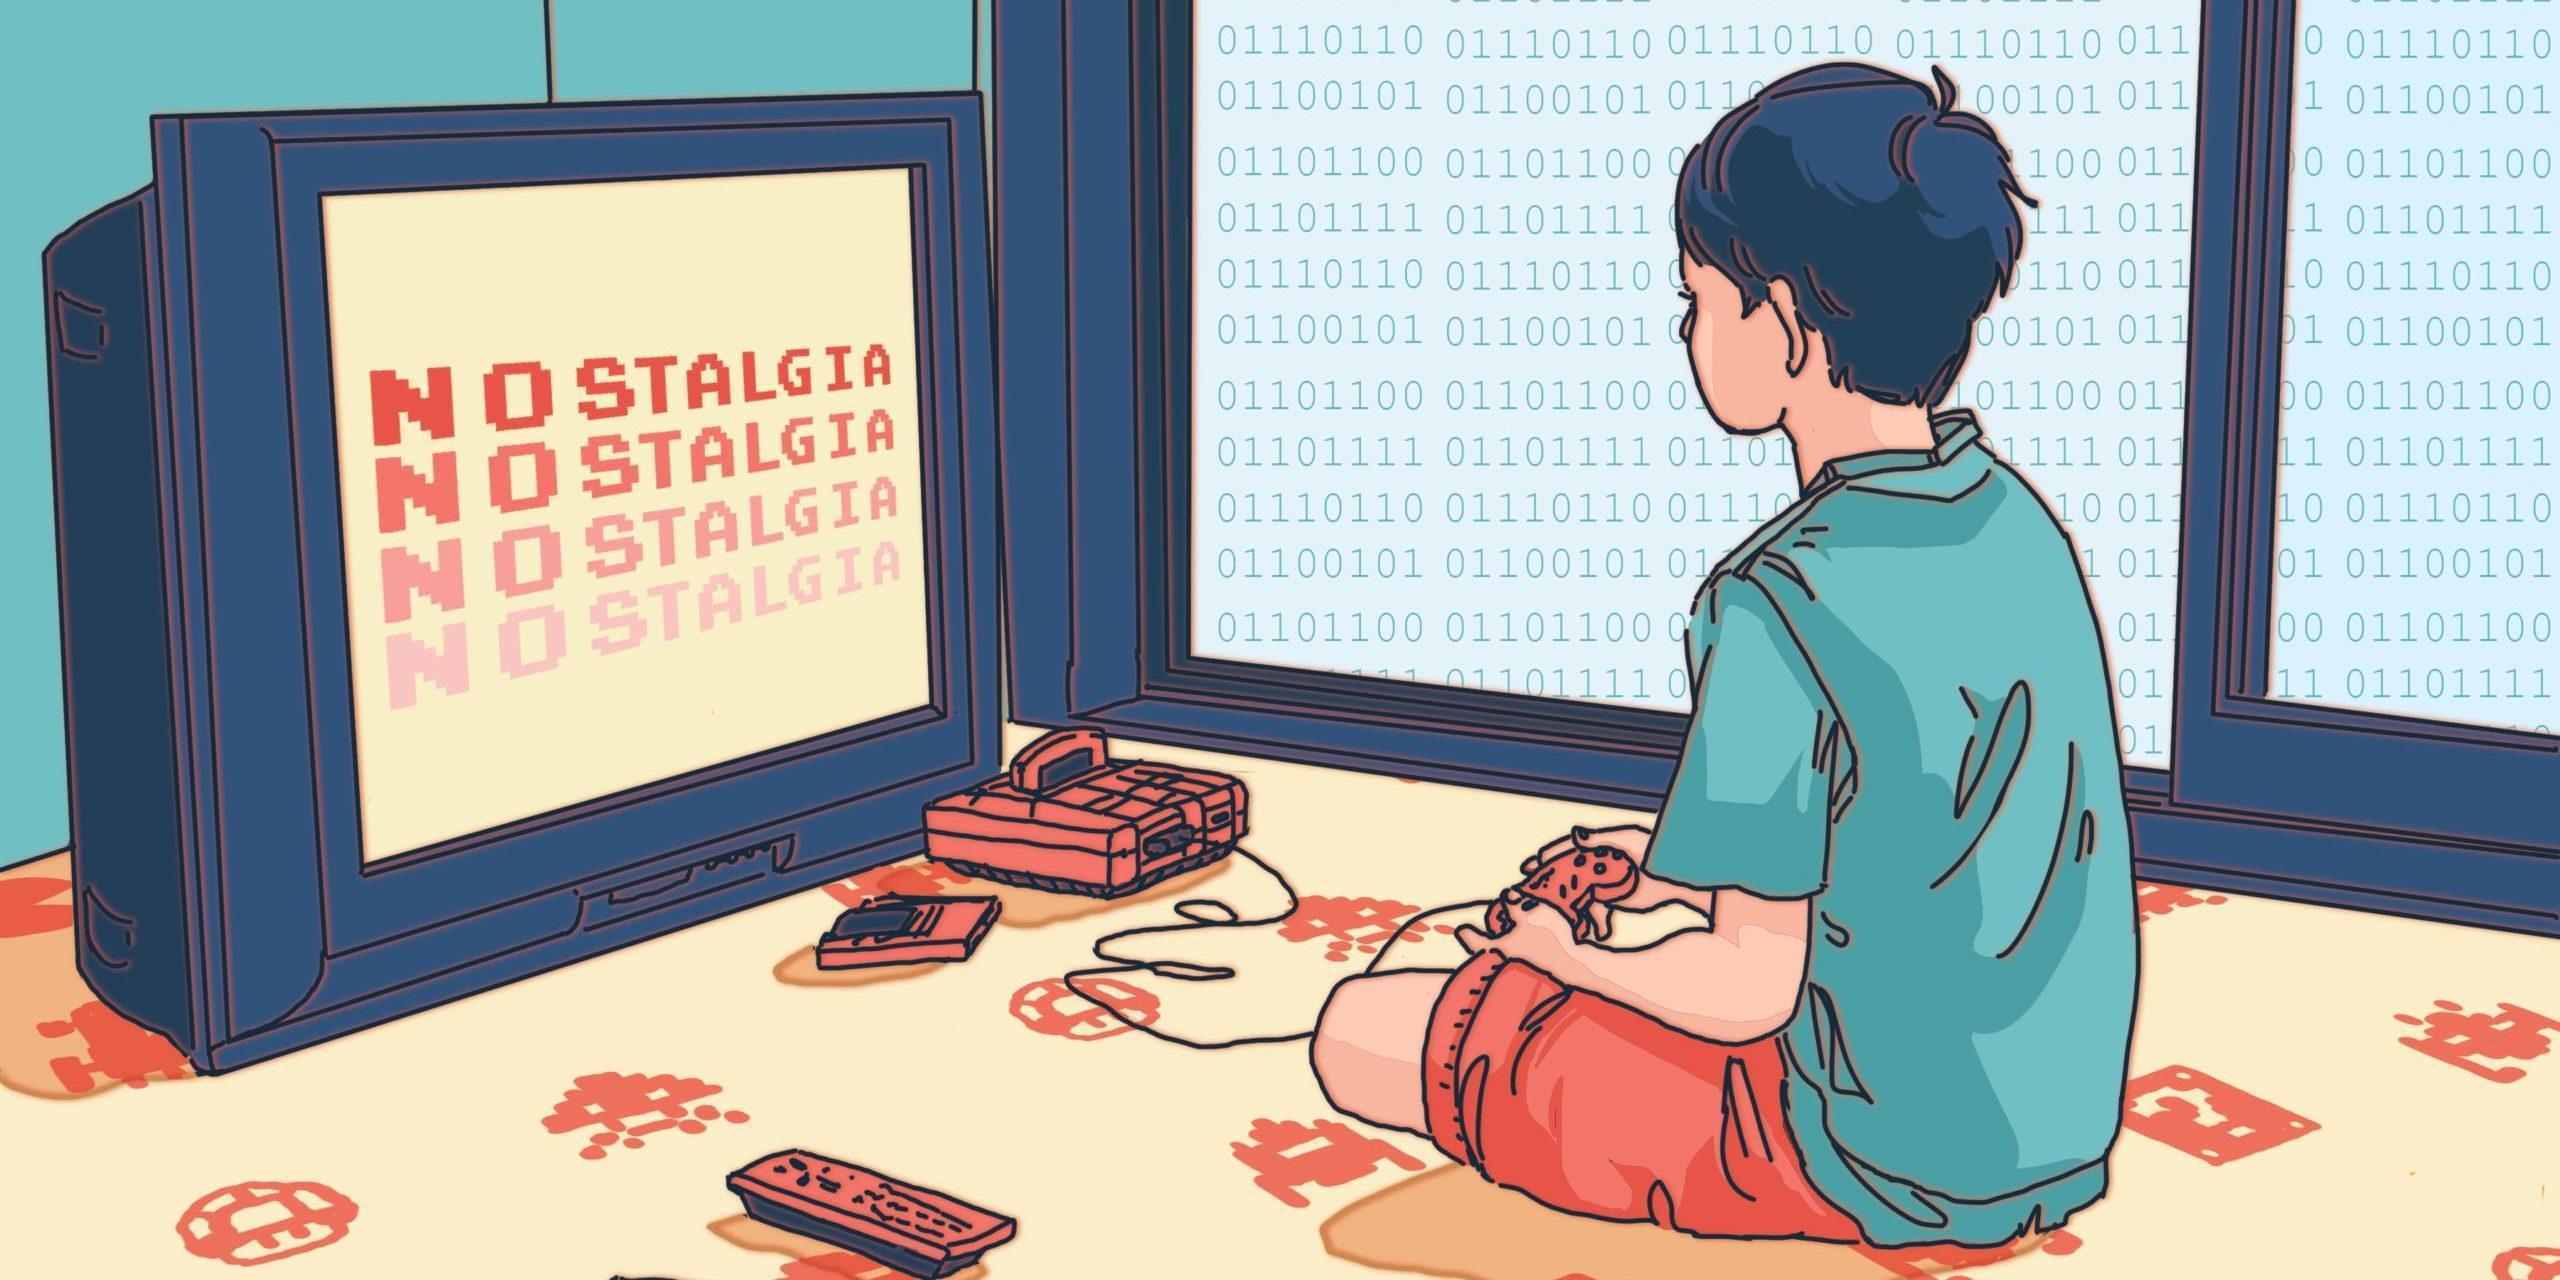 Il Postmodernismo fa rinascere i videogiochi